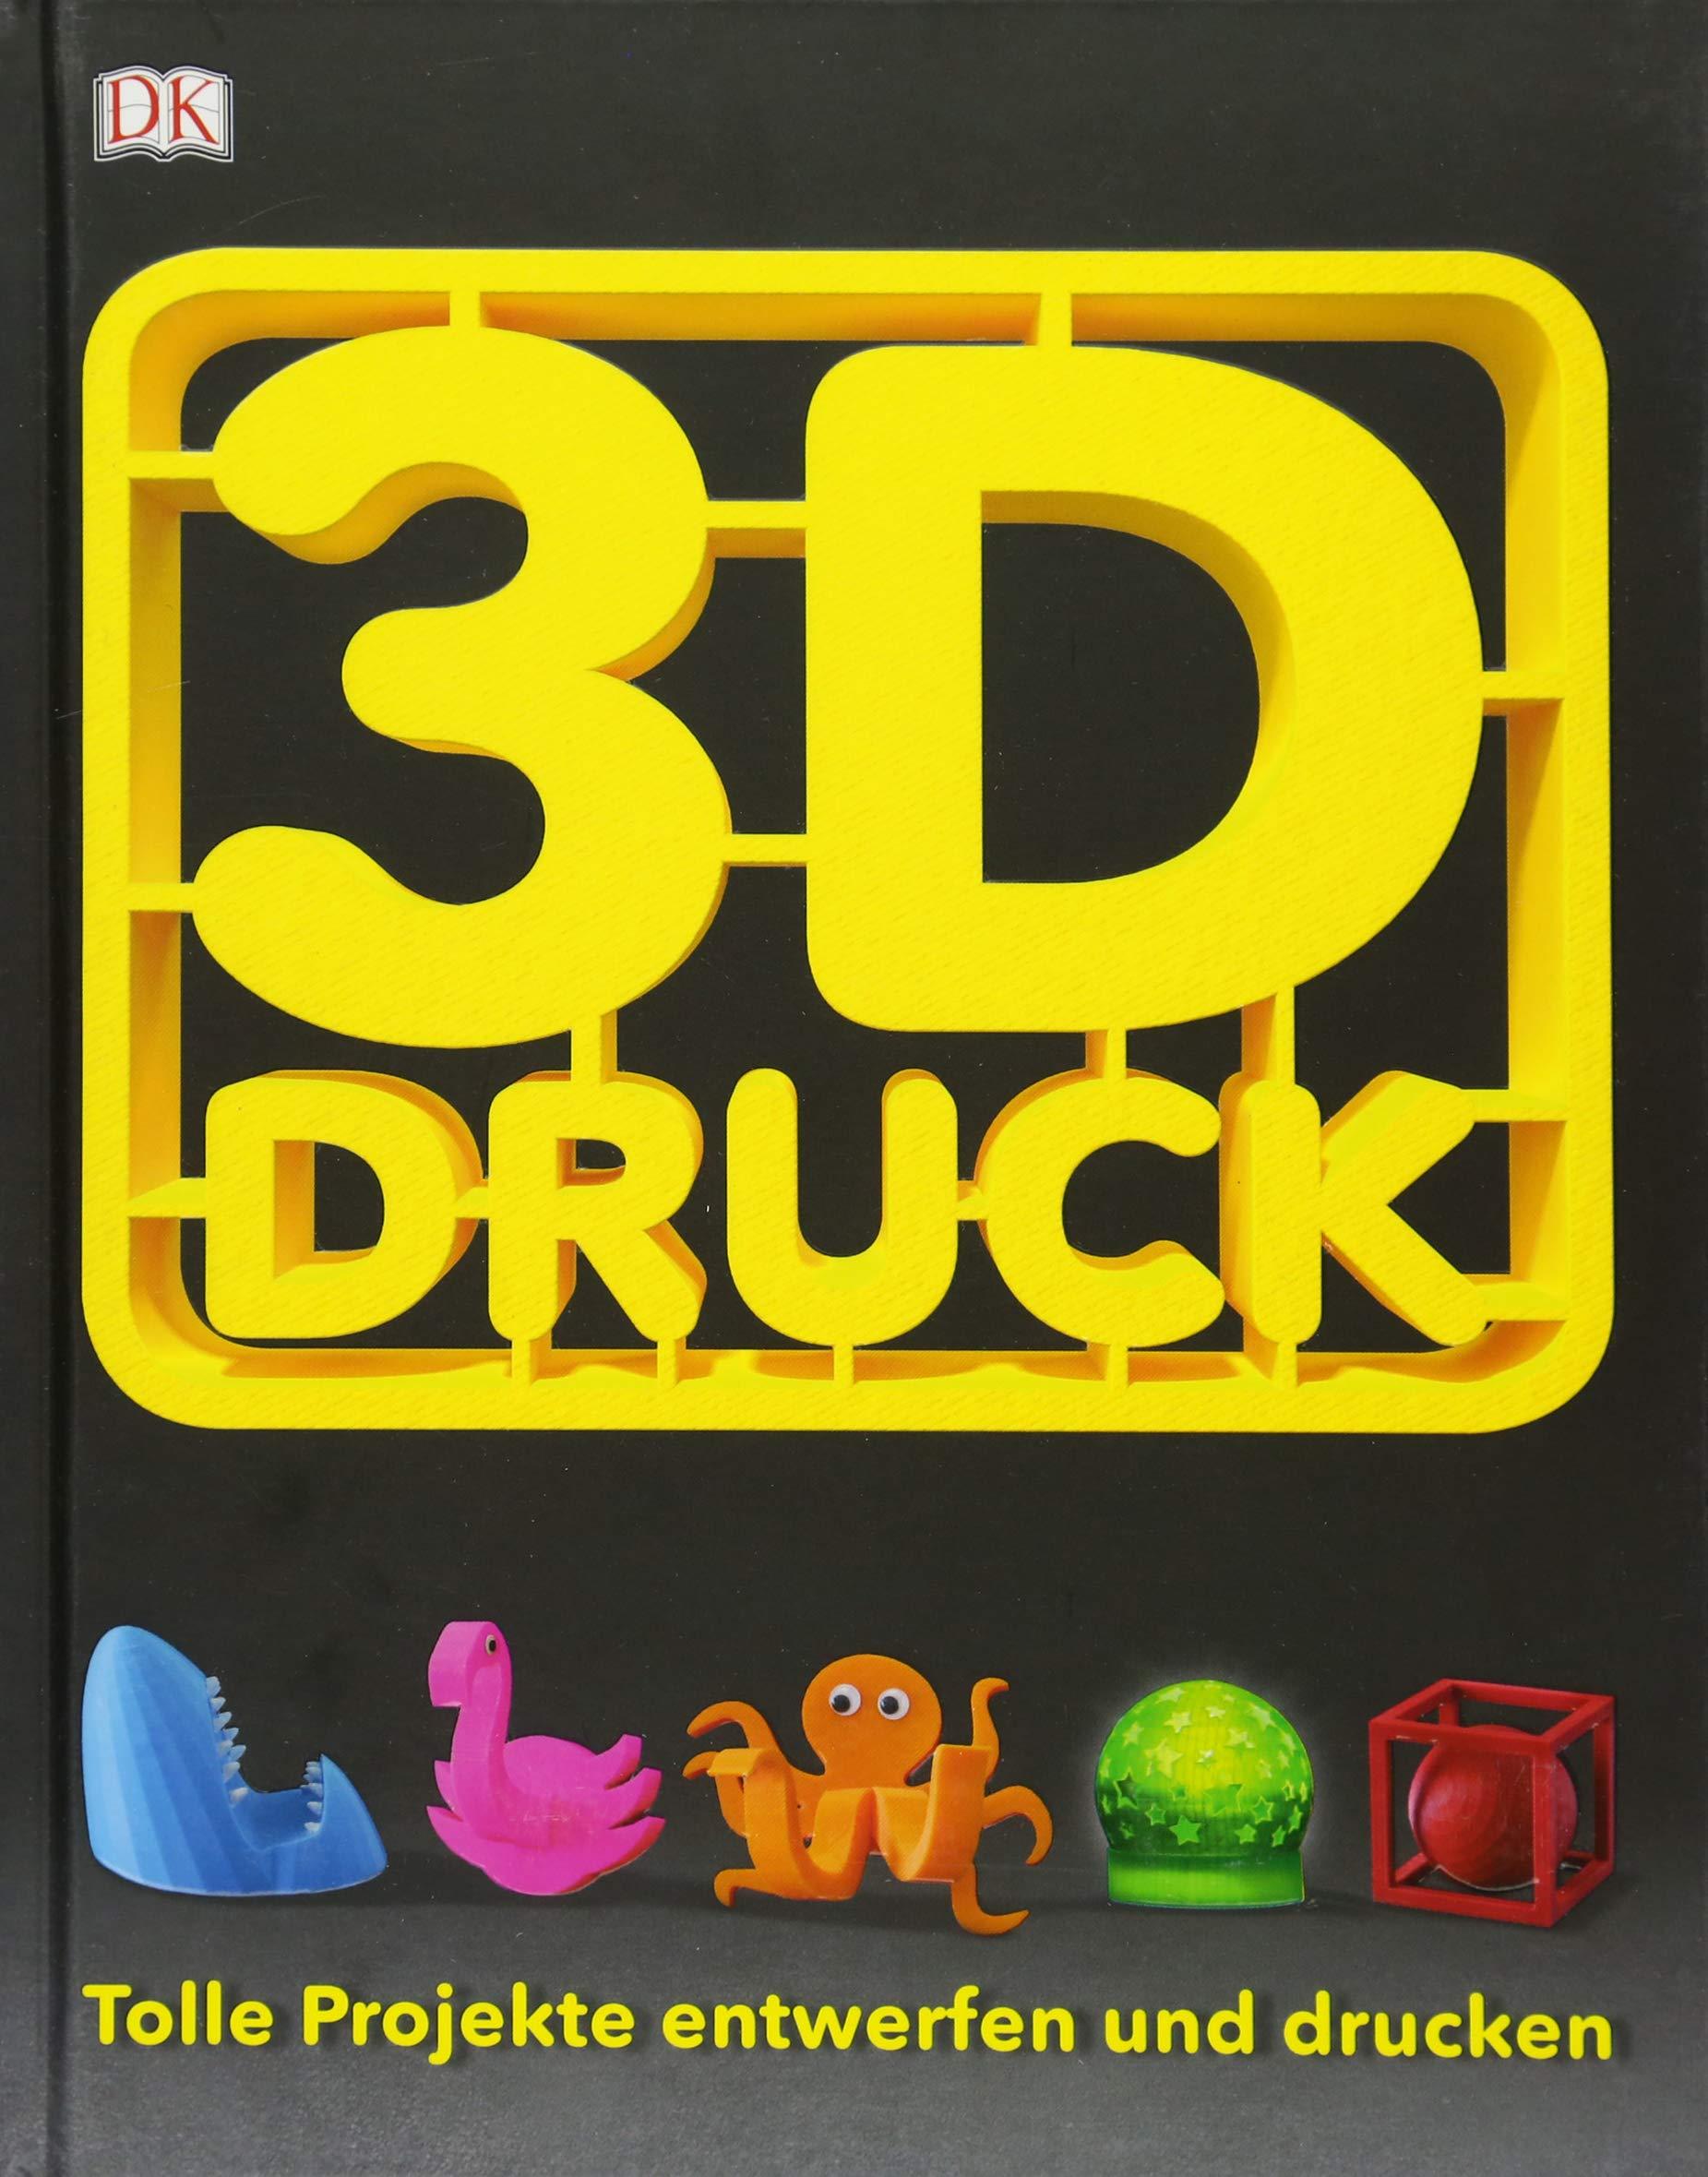 3-D-Druck: Tolle Projekte entwerfen und drucken: Amazon.de: Bücher